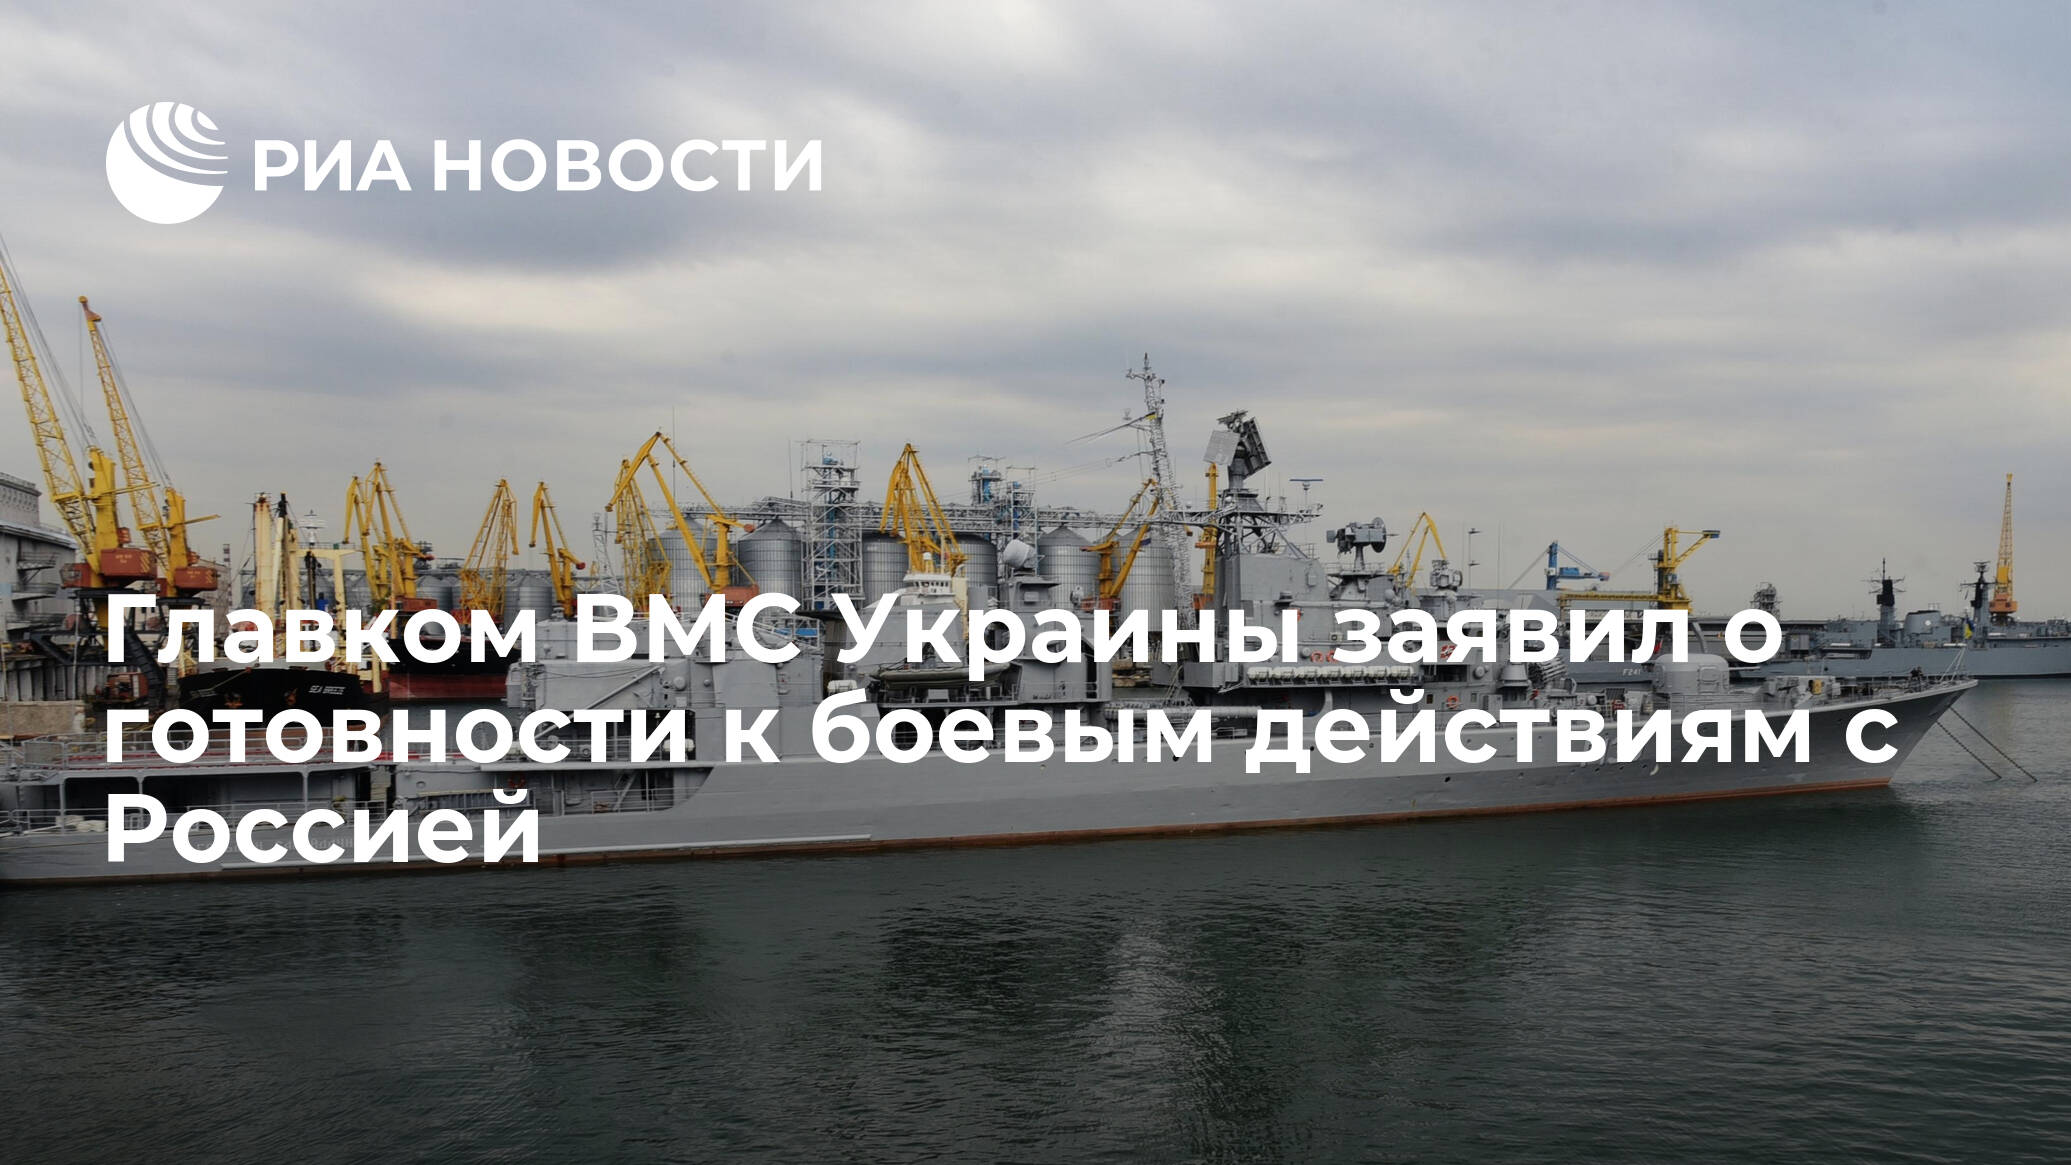 Главком ВМС Украины заявил о готовности к боевым действиям с Россией